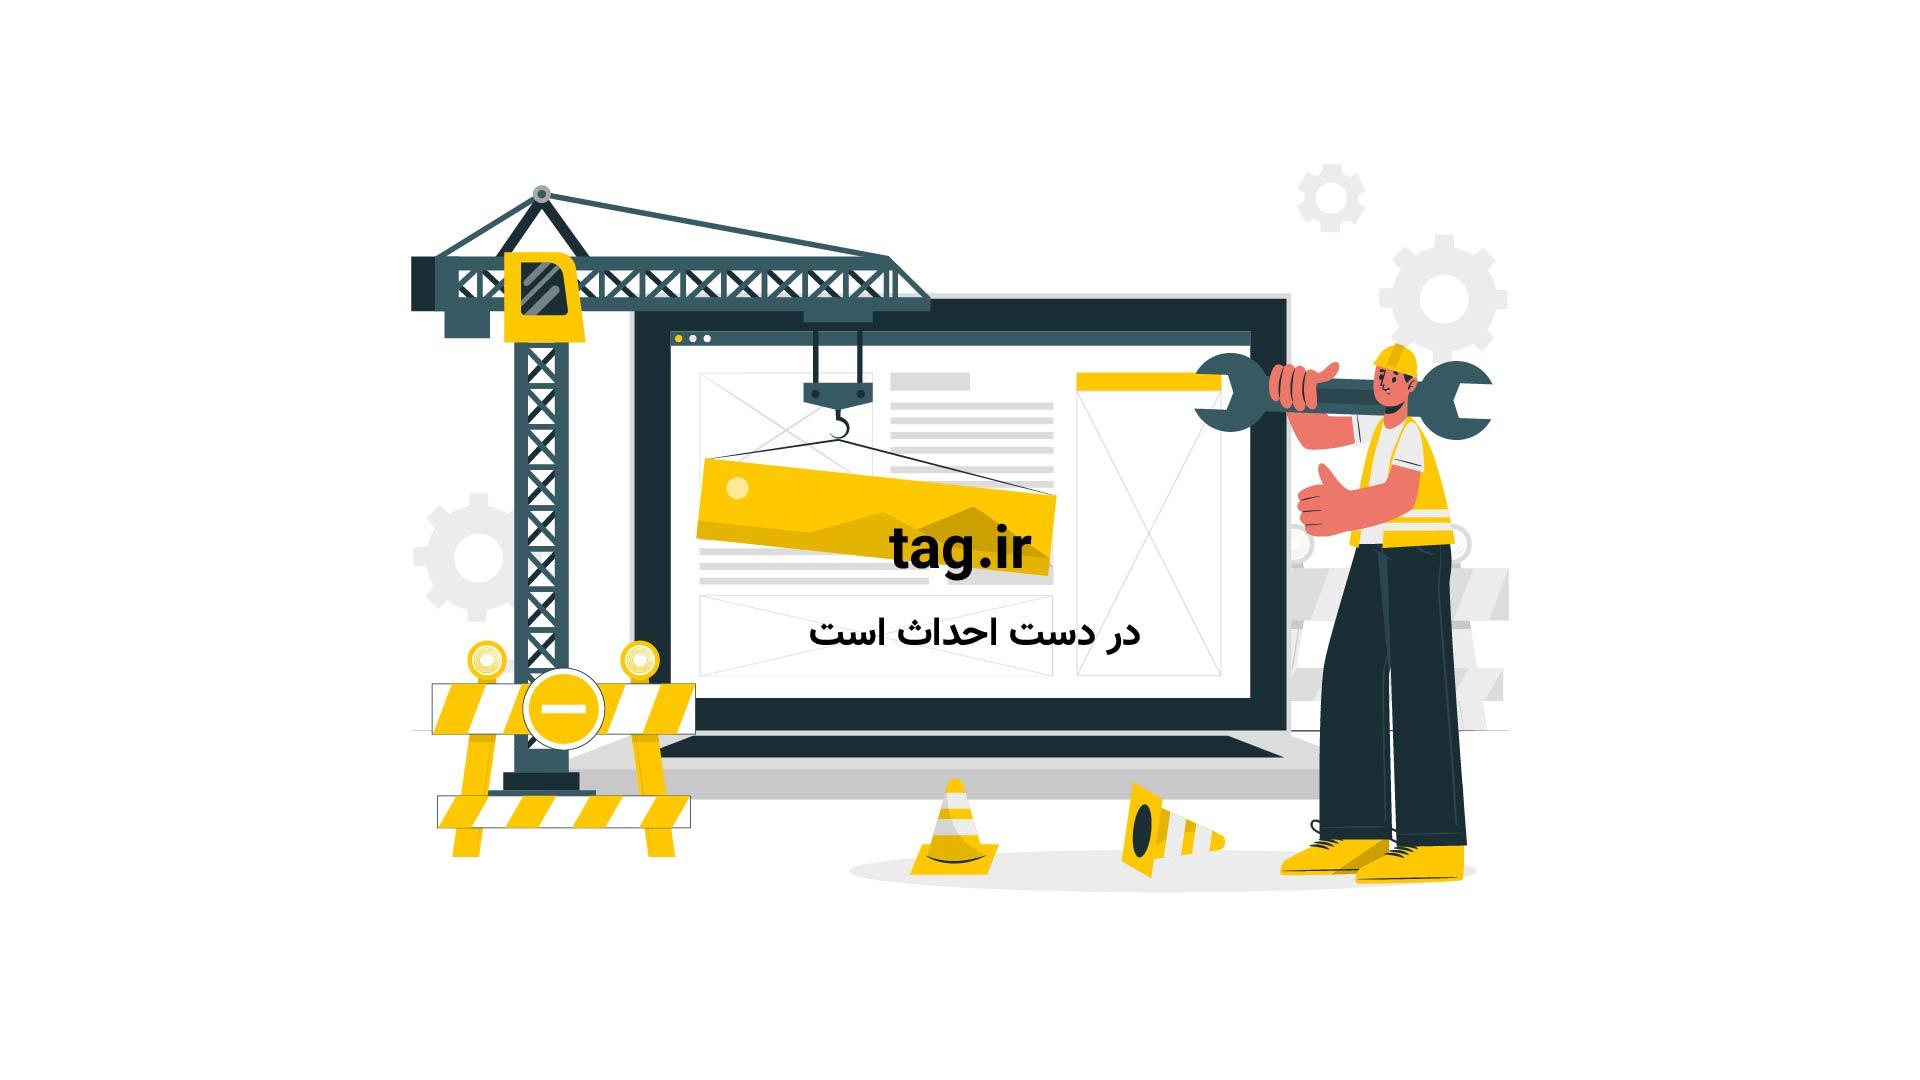 ماهی صابونی | تگ